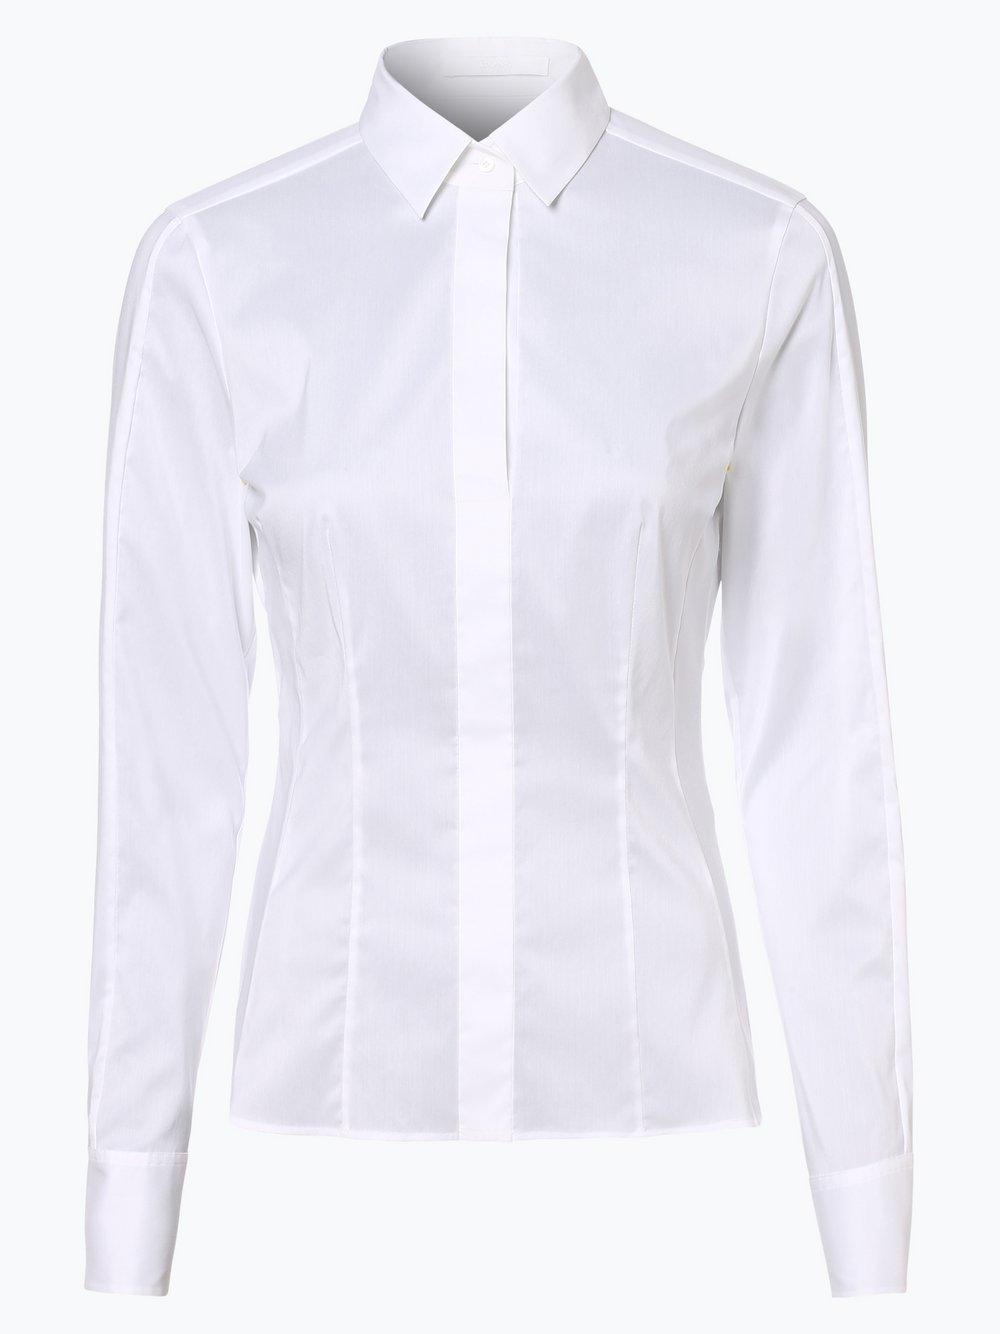 BOSS - Bluzka damska – Bashina6, biały